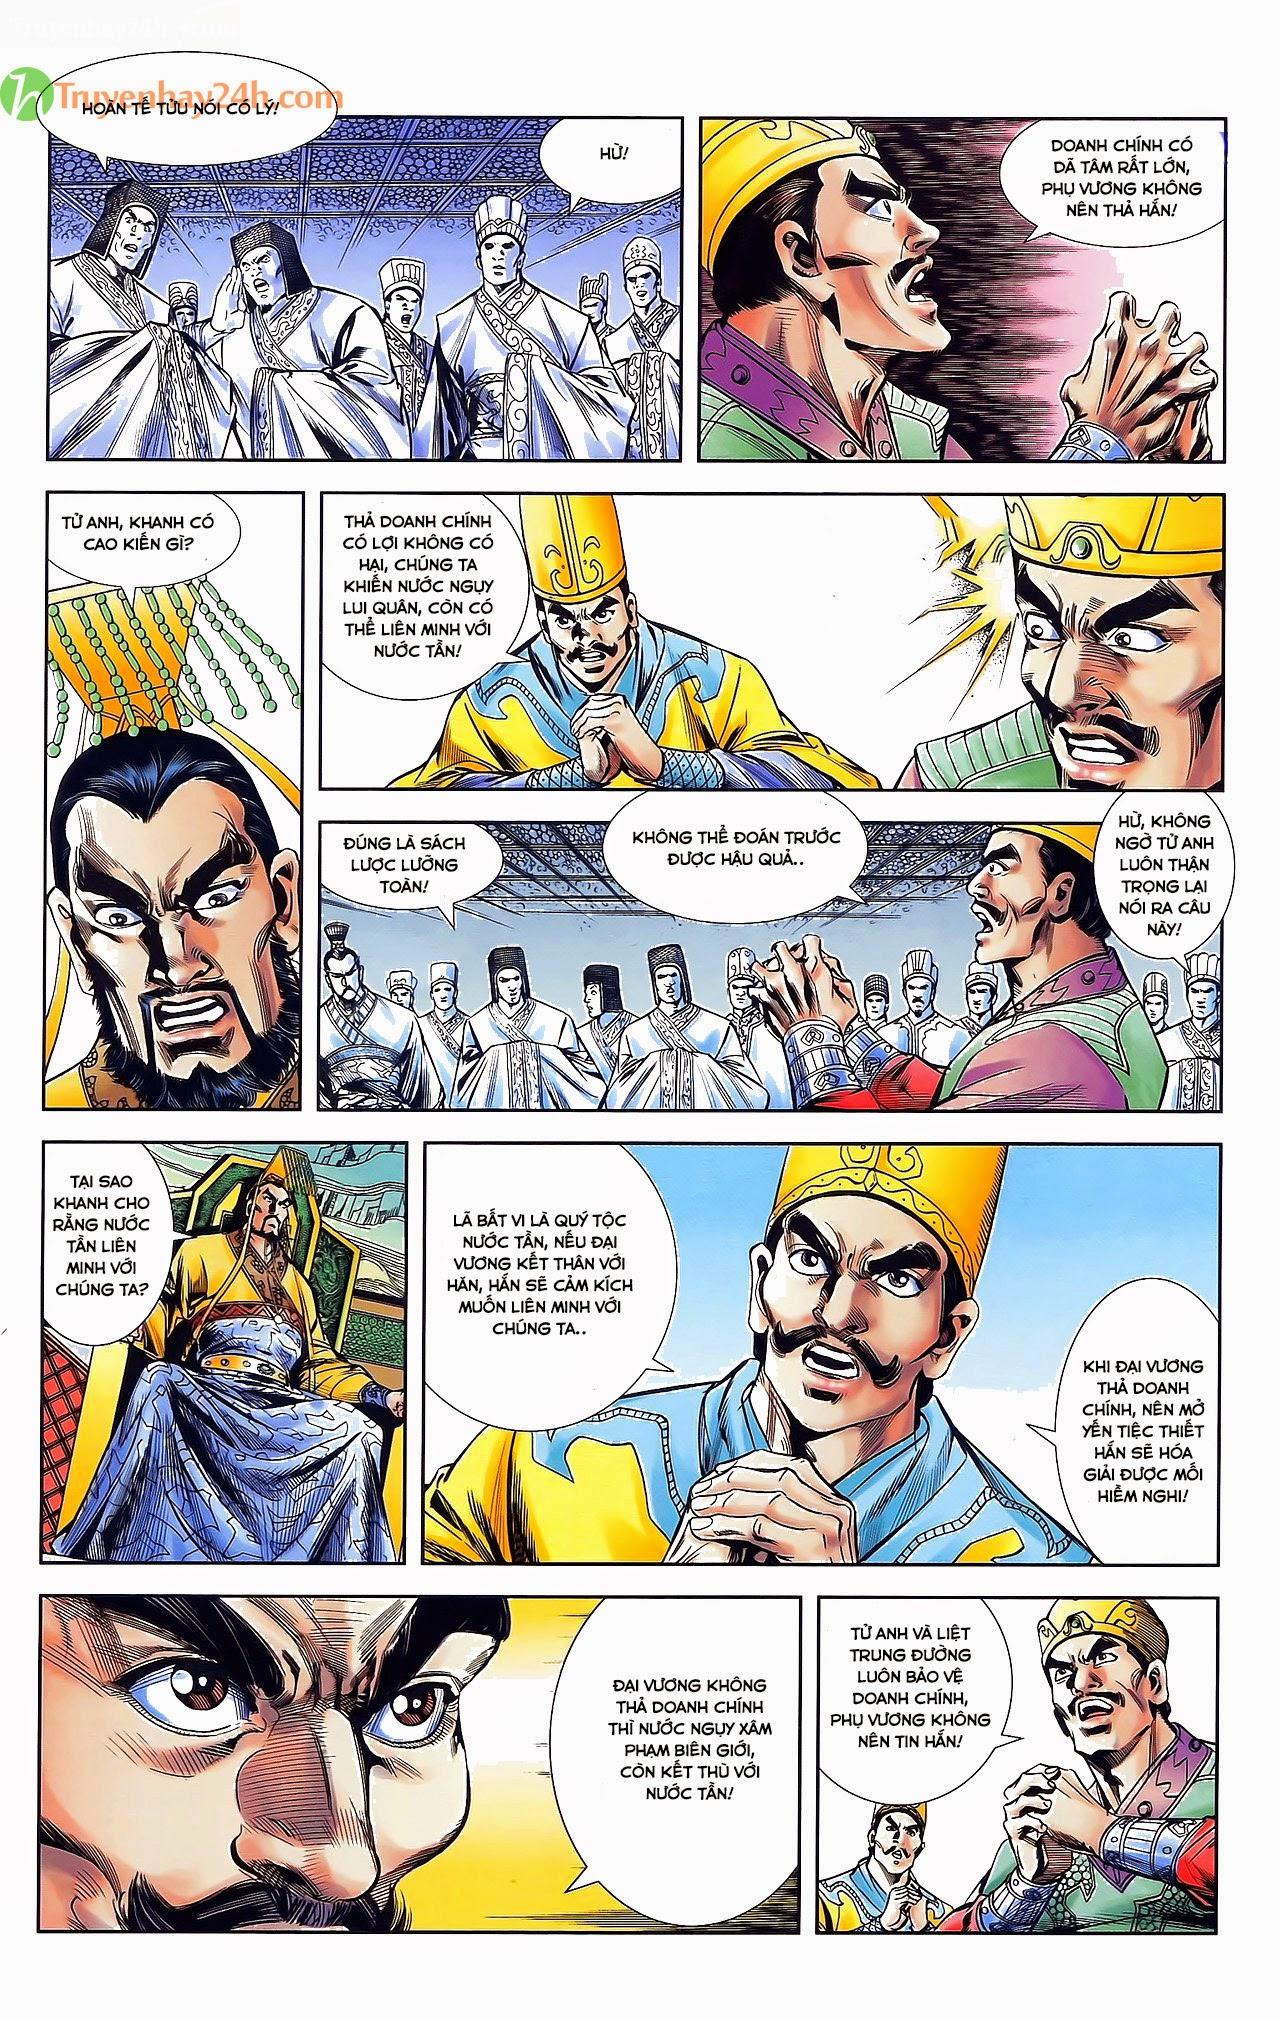 Tần Vương Doanh Chính chapter 31 trang 21